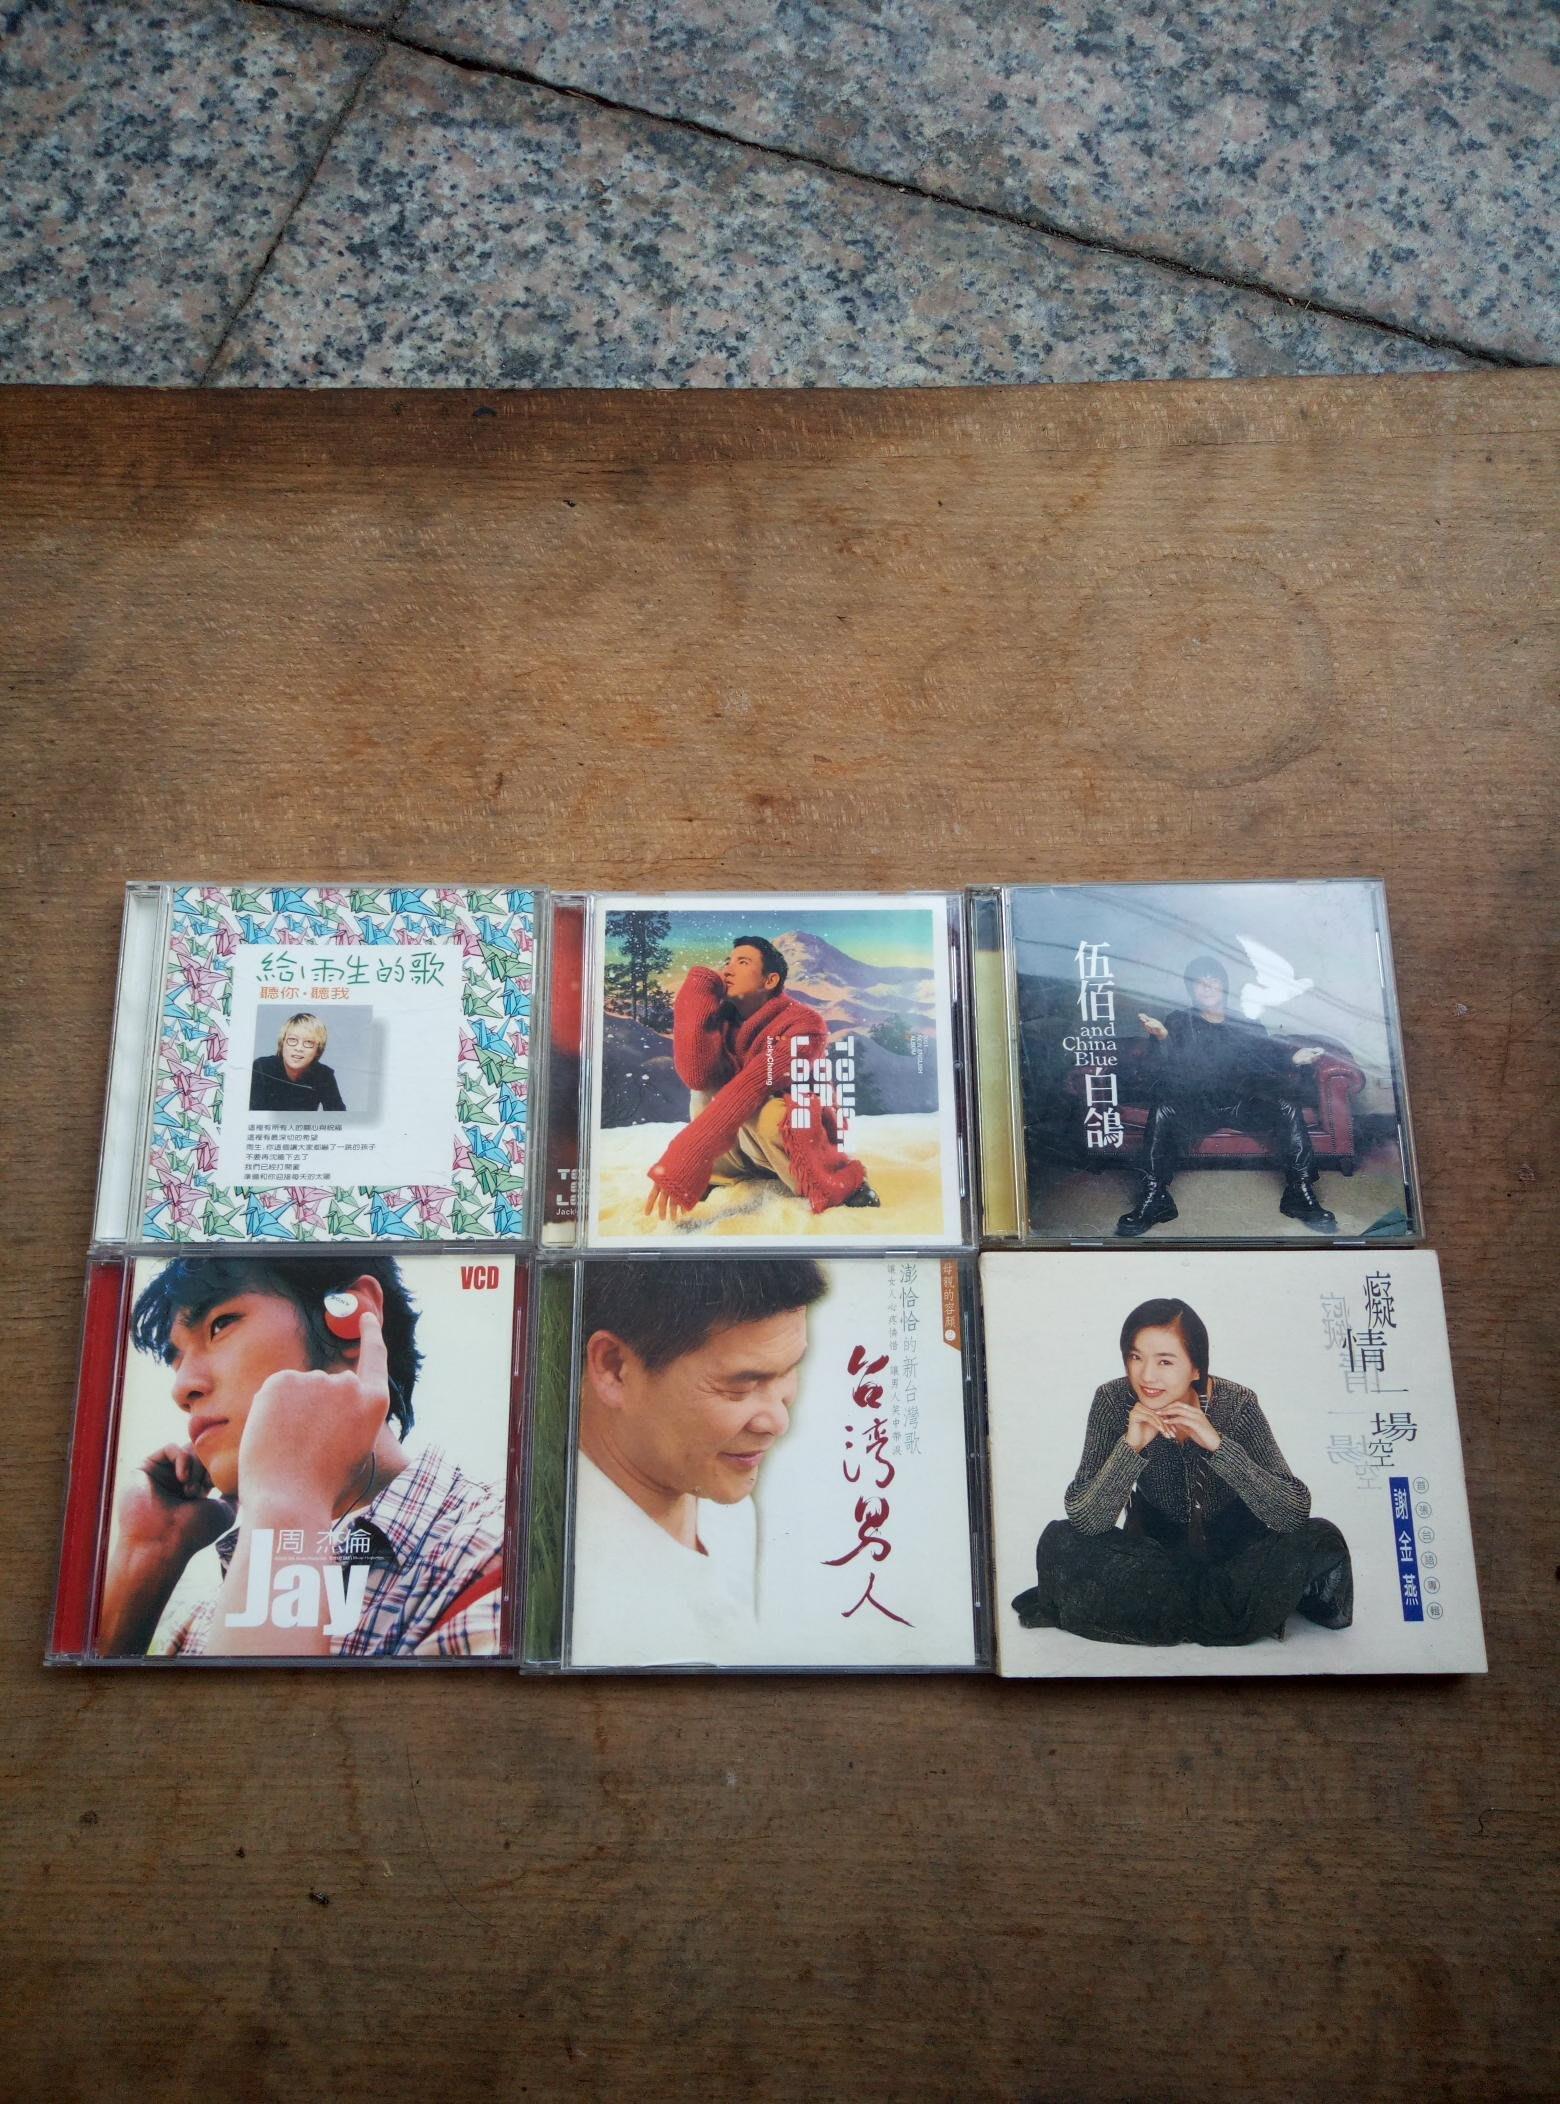 早期知名影視歌星張雨生,張學友,伍佰,周杰倫,澎恰恰,謝金燕的CD六盒一組,非常希少